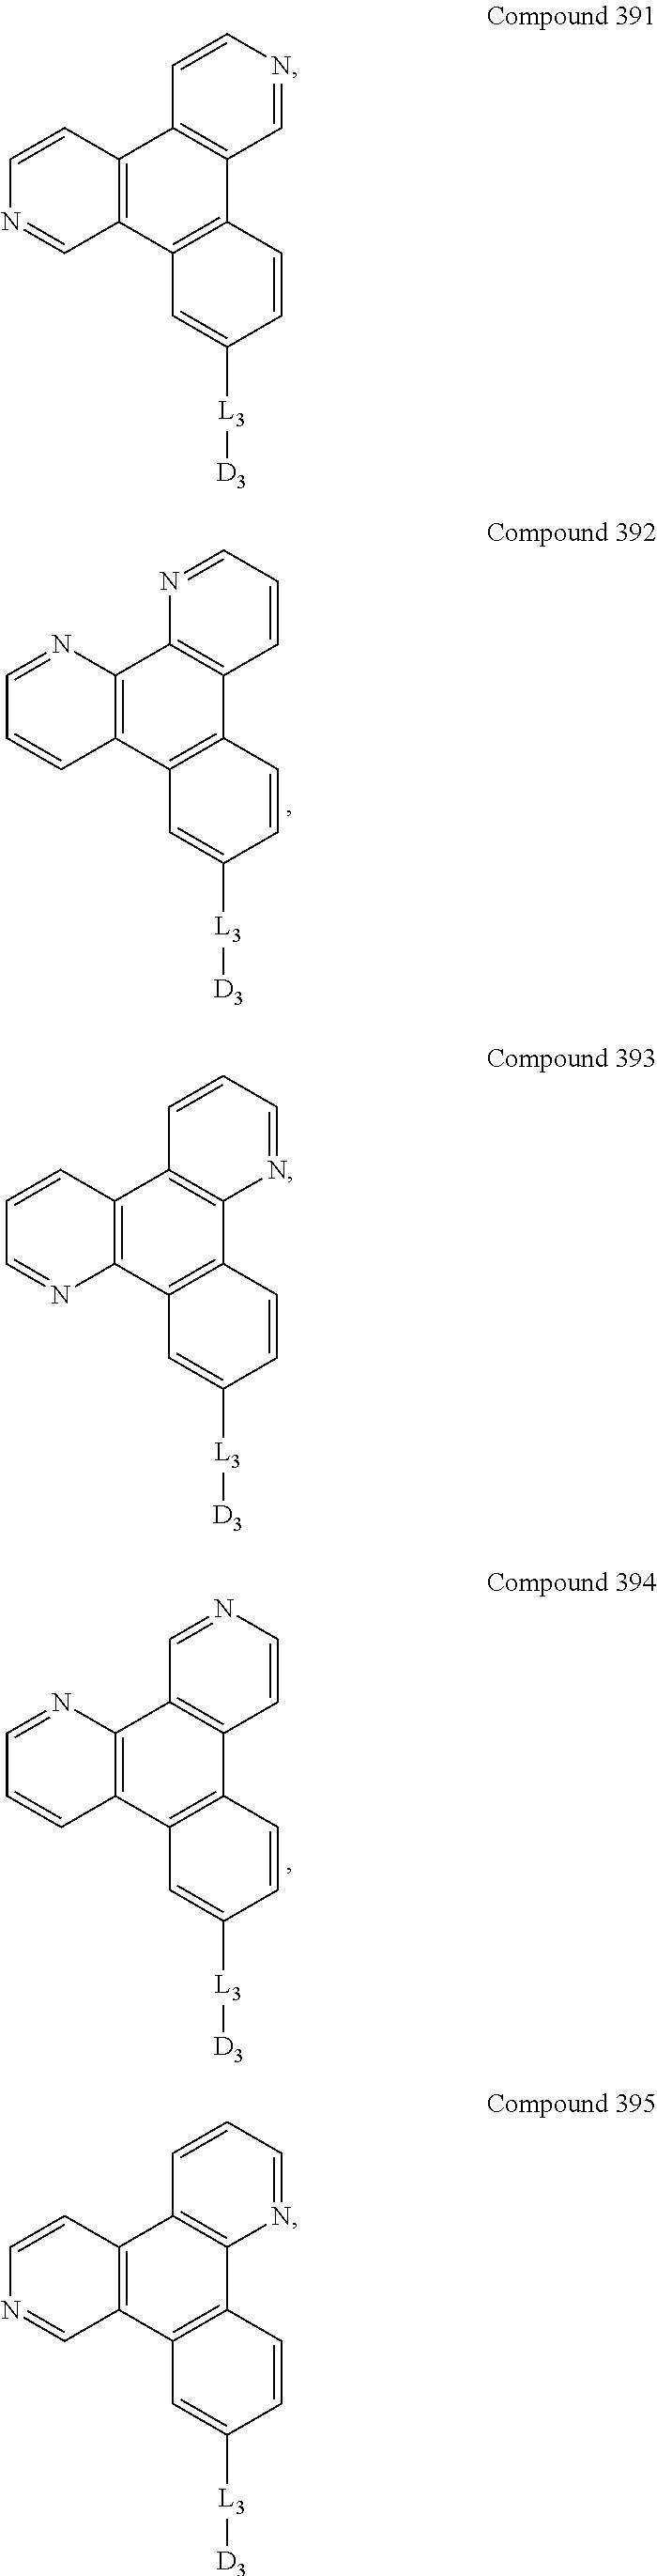 Figure US09537106-20170103-C00234